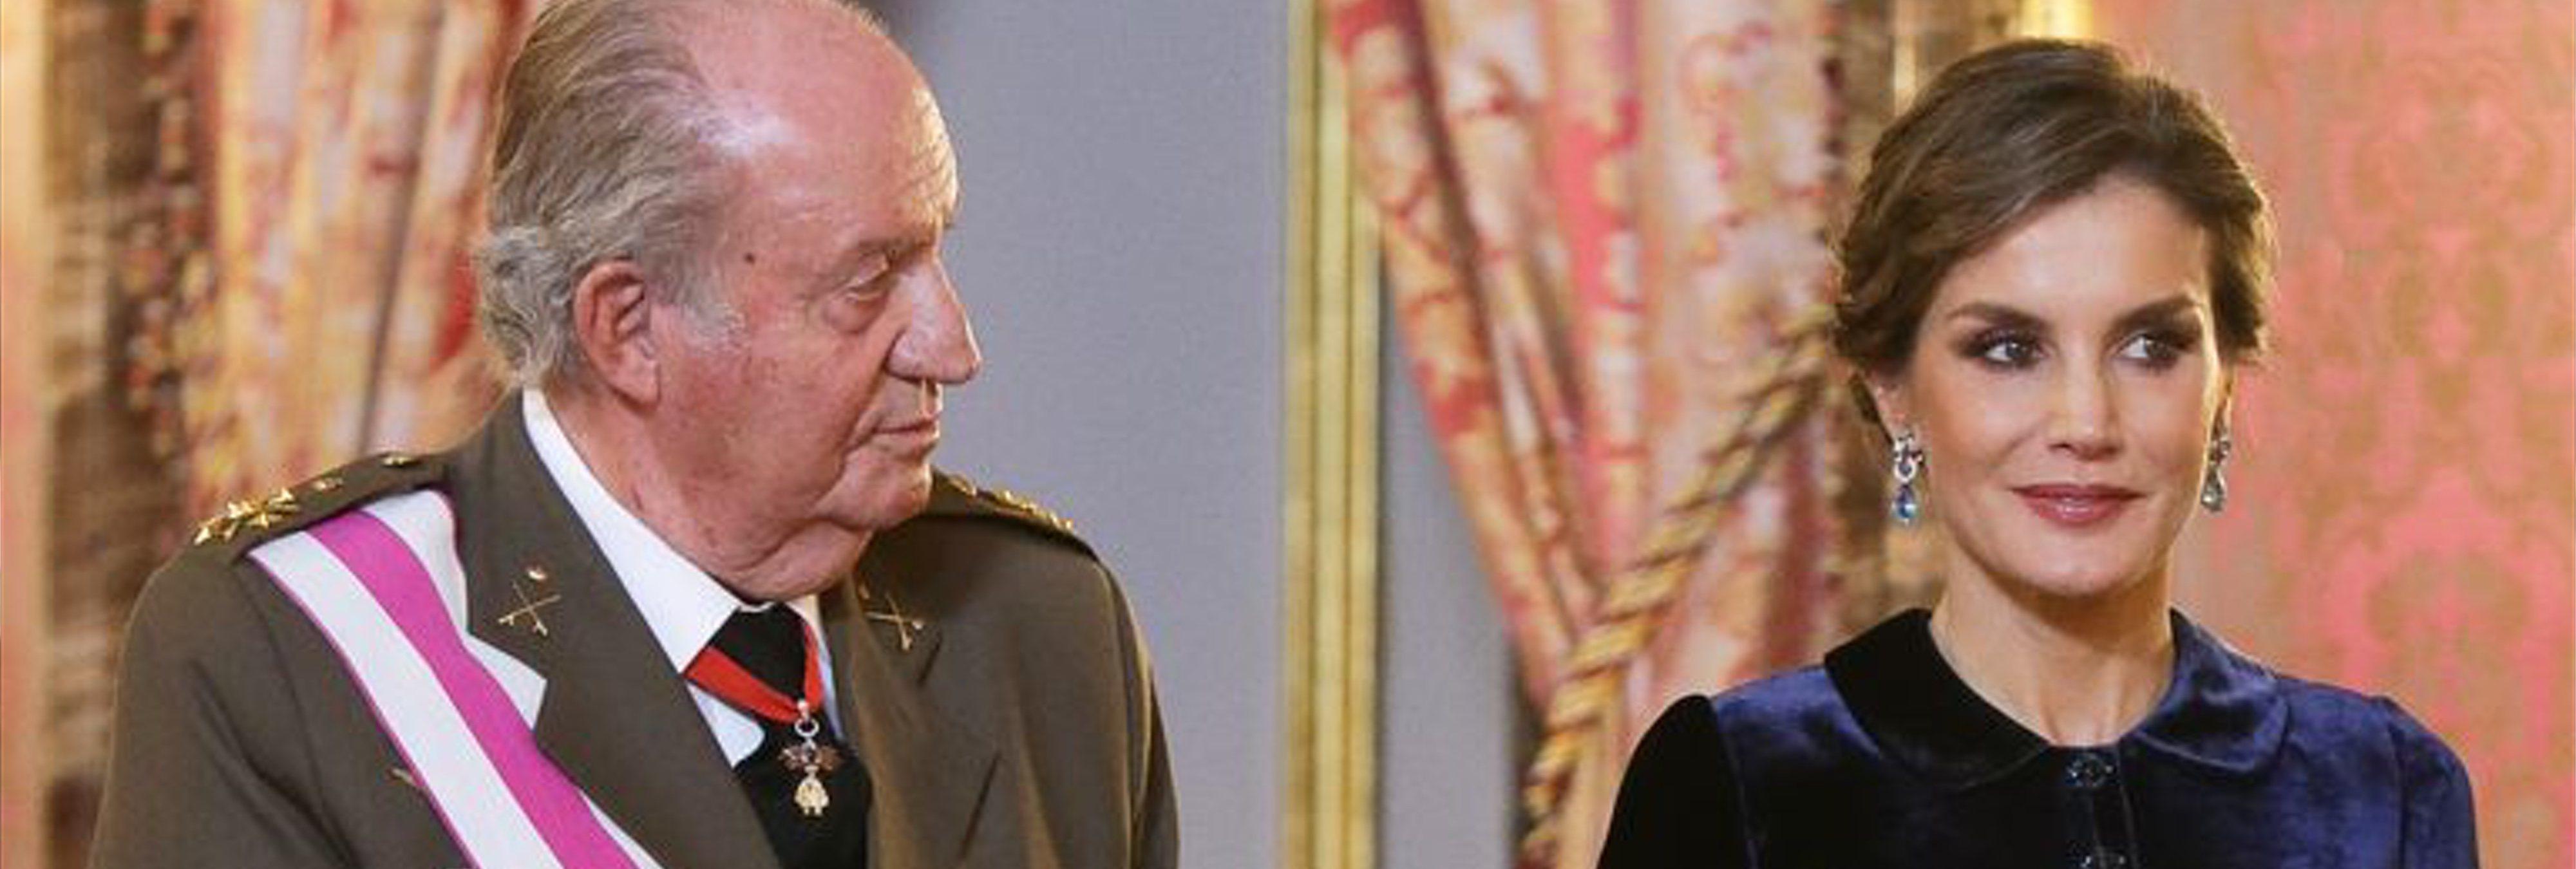 Casa Real castiga a Letizia mientras premia a Juan Carlos